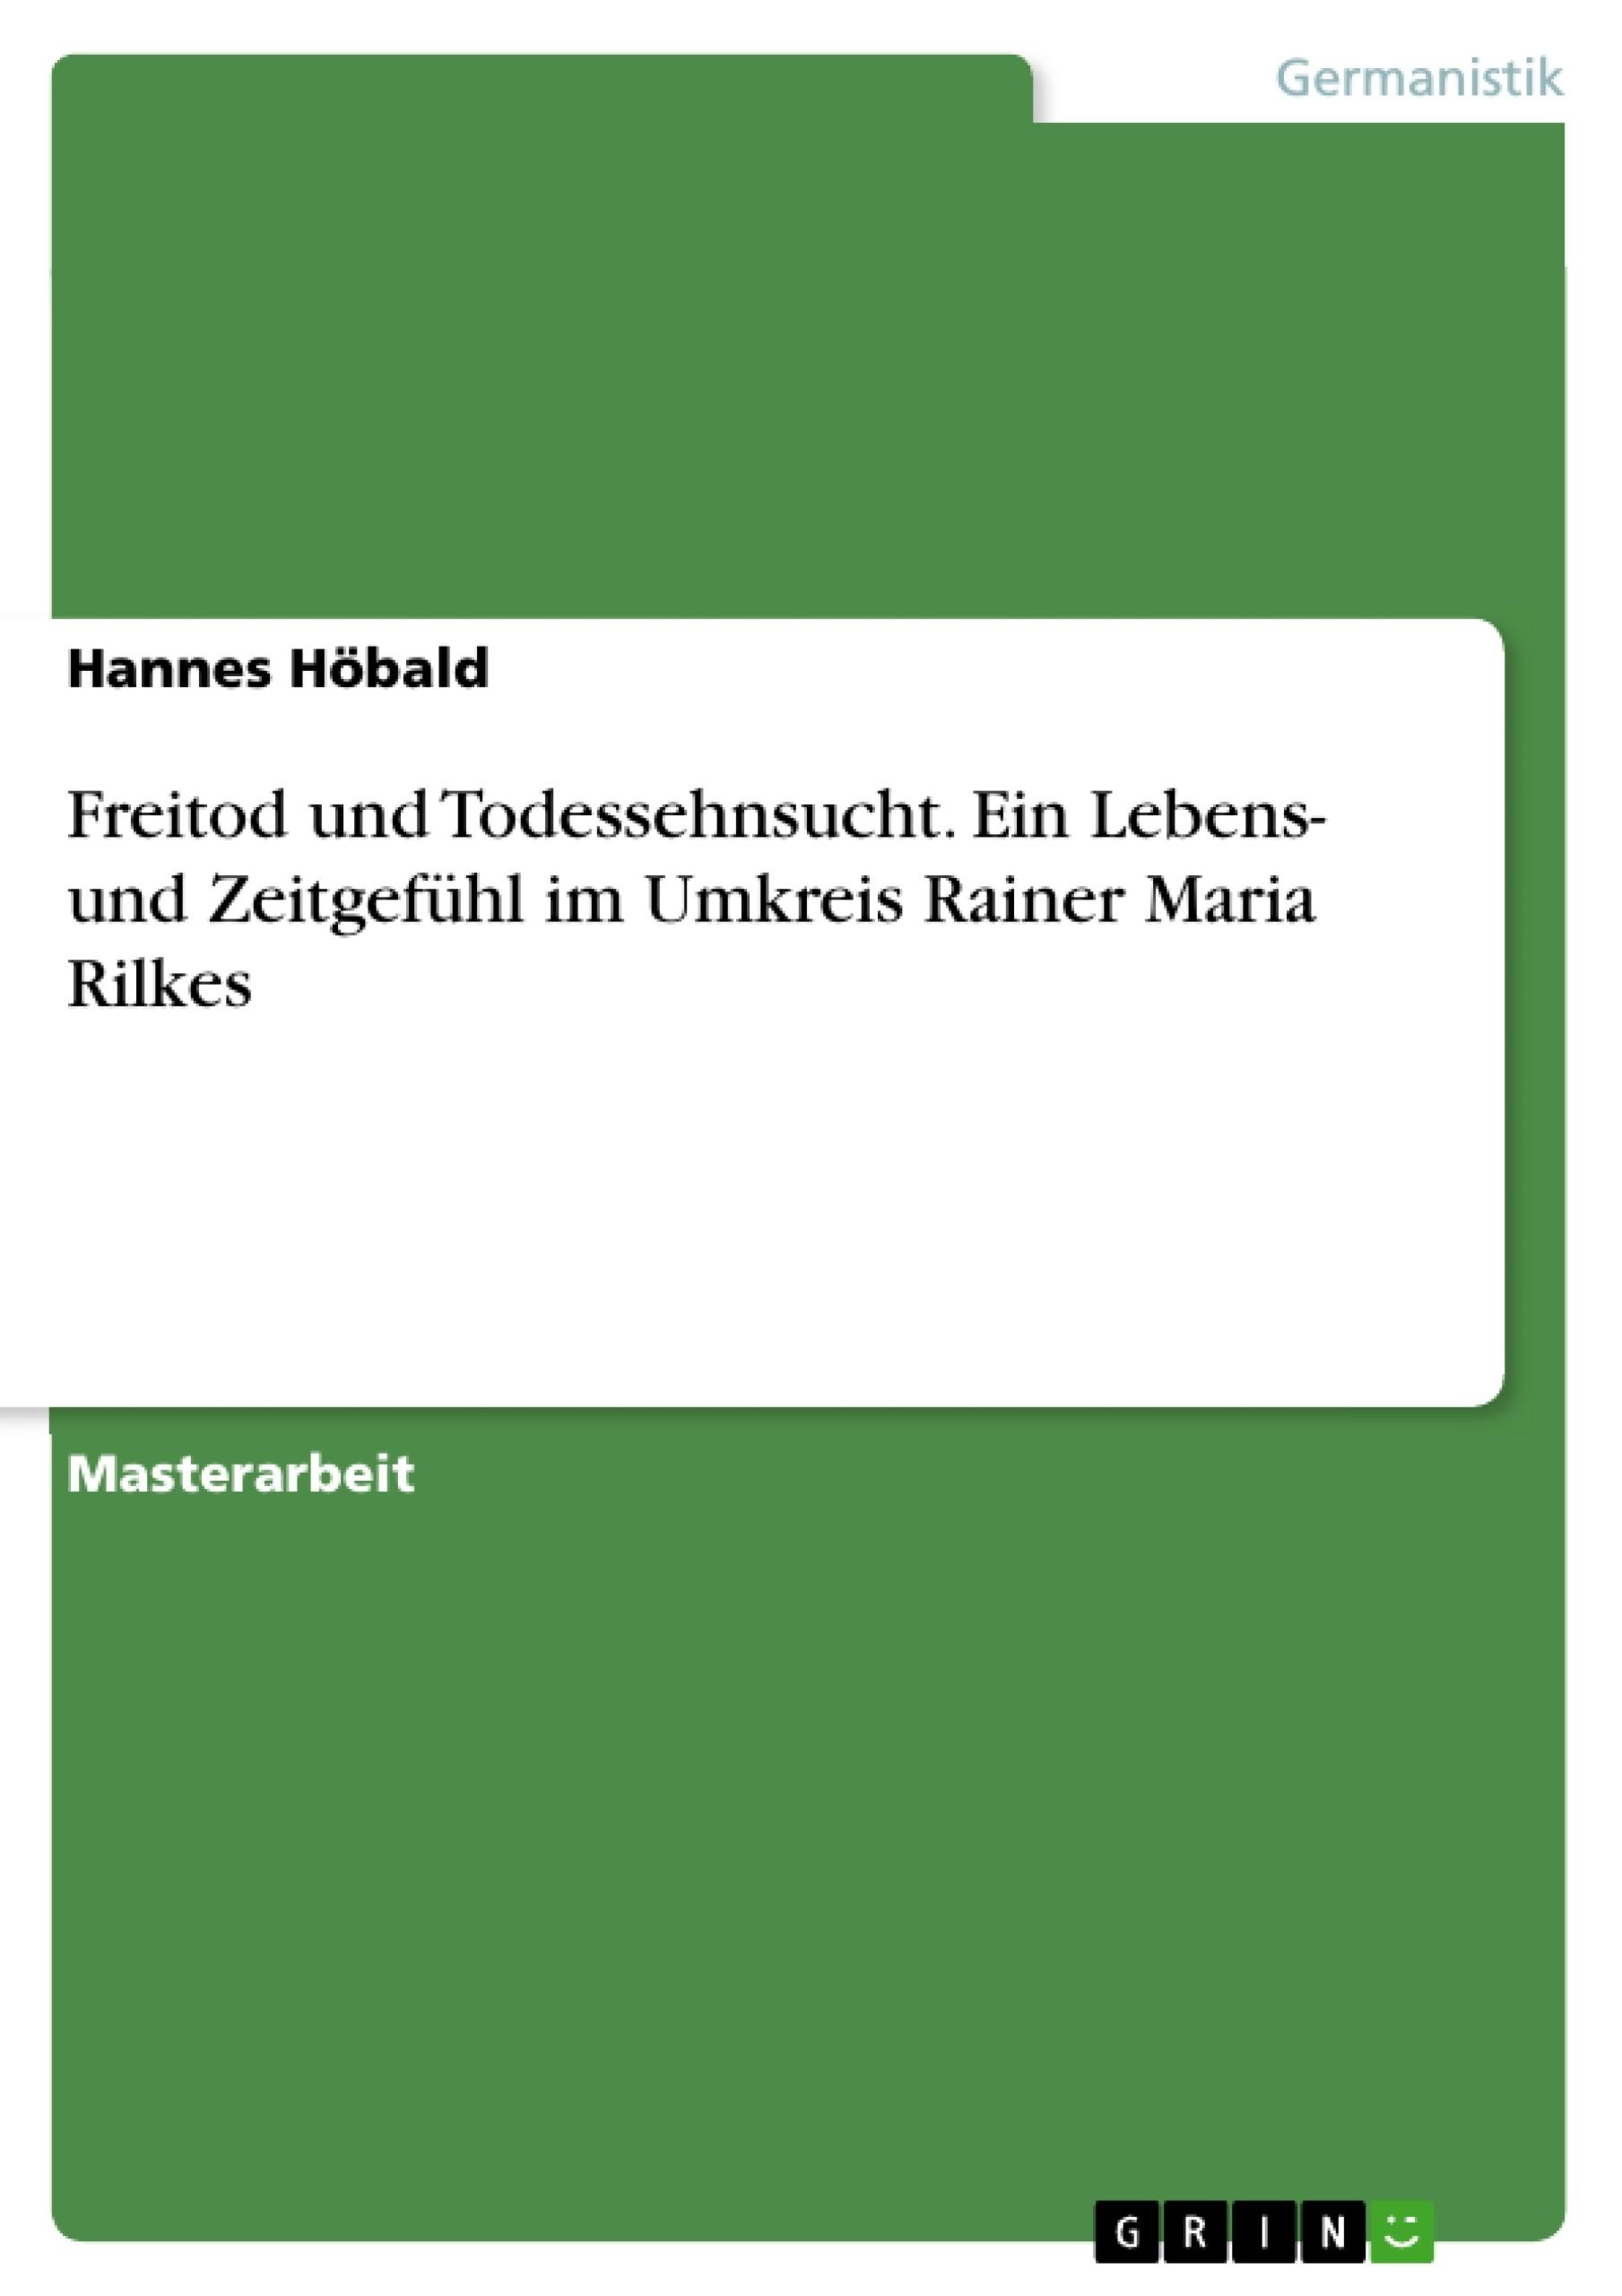 Titel: Freitod und Todessehnsucht. Ein Lebens- und Zeitgefühl im Umkreis Rainer Maria Rilkes